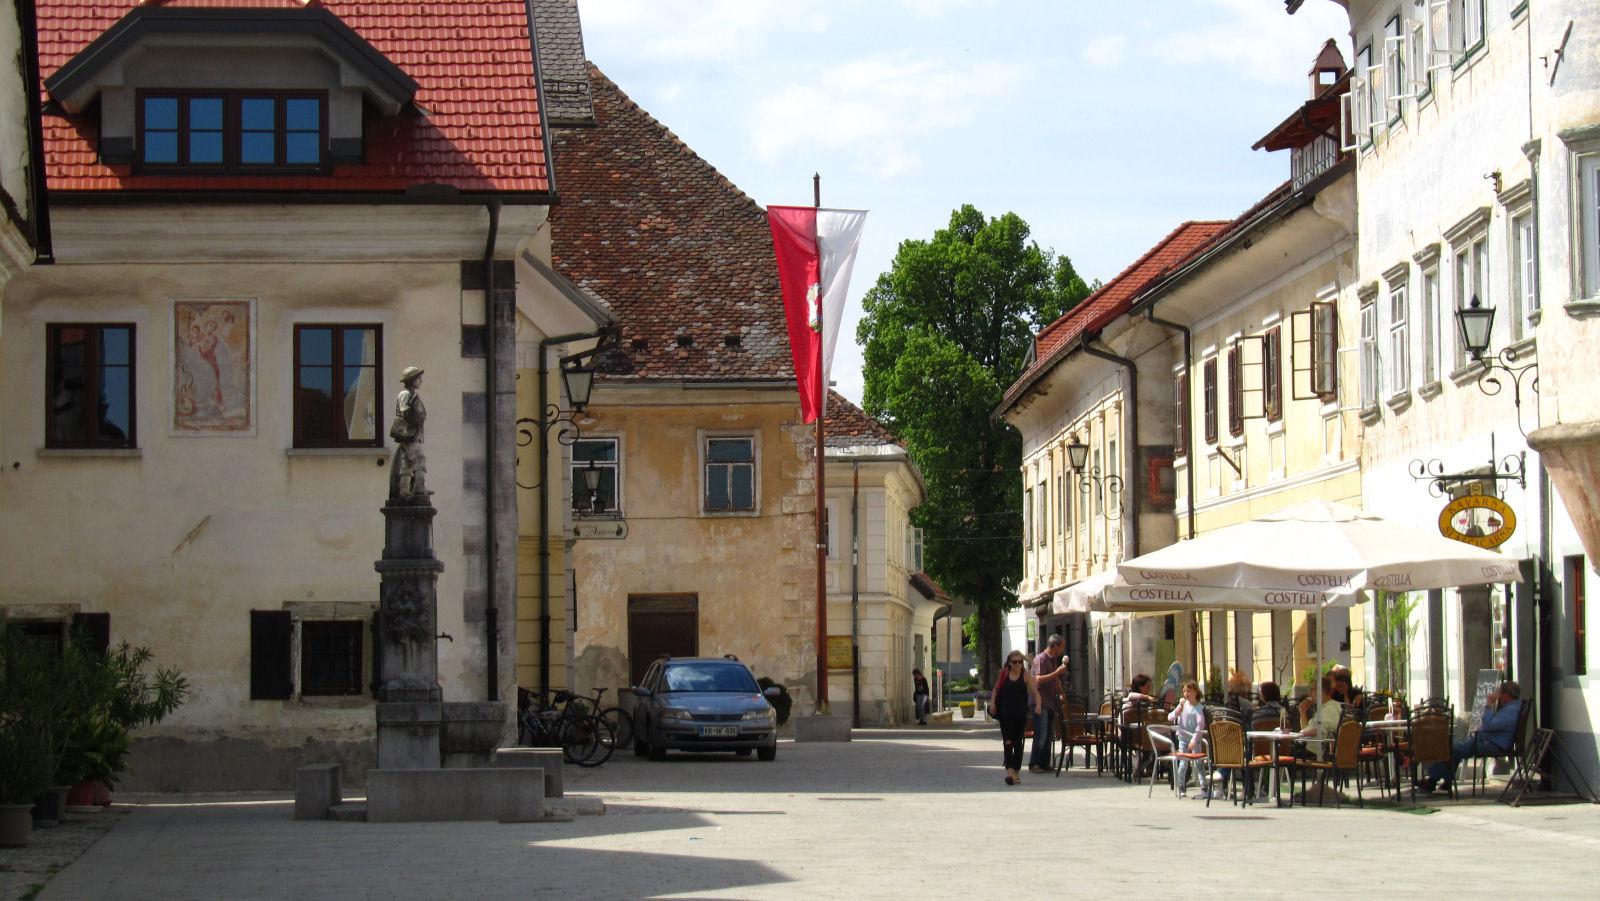 radovljica-medieval-old-town-8416